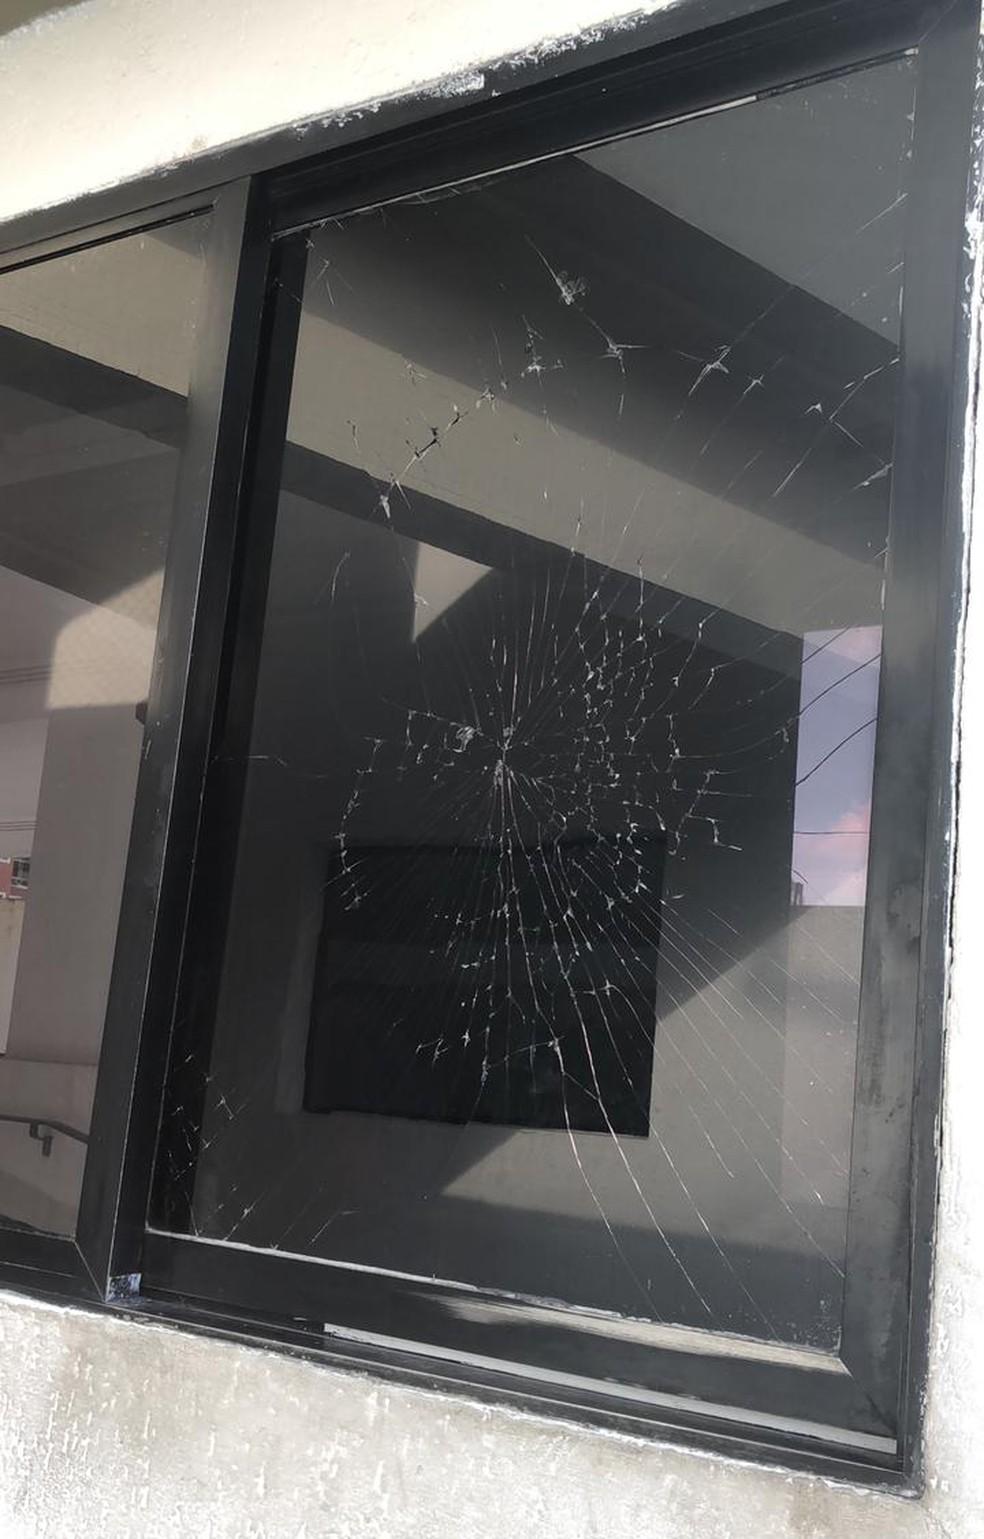 Segundo relata zelador, vidro de portaria foi quebrado por nutricionista em março deste ano — Foto: Arquivo pessoal